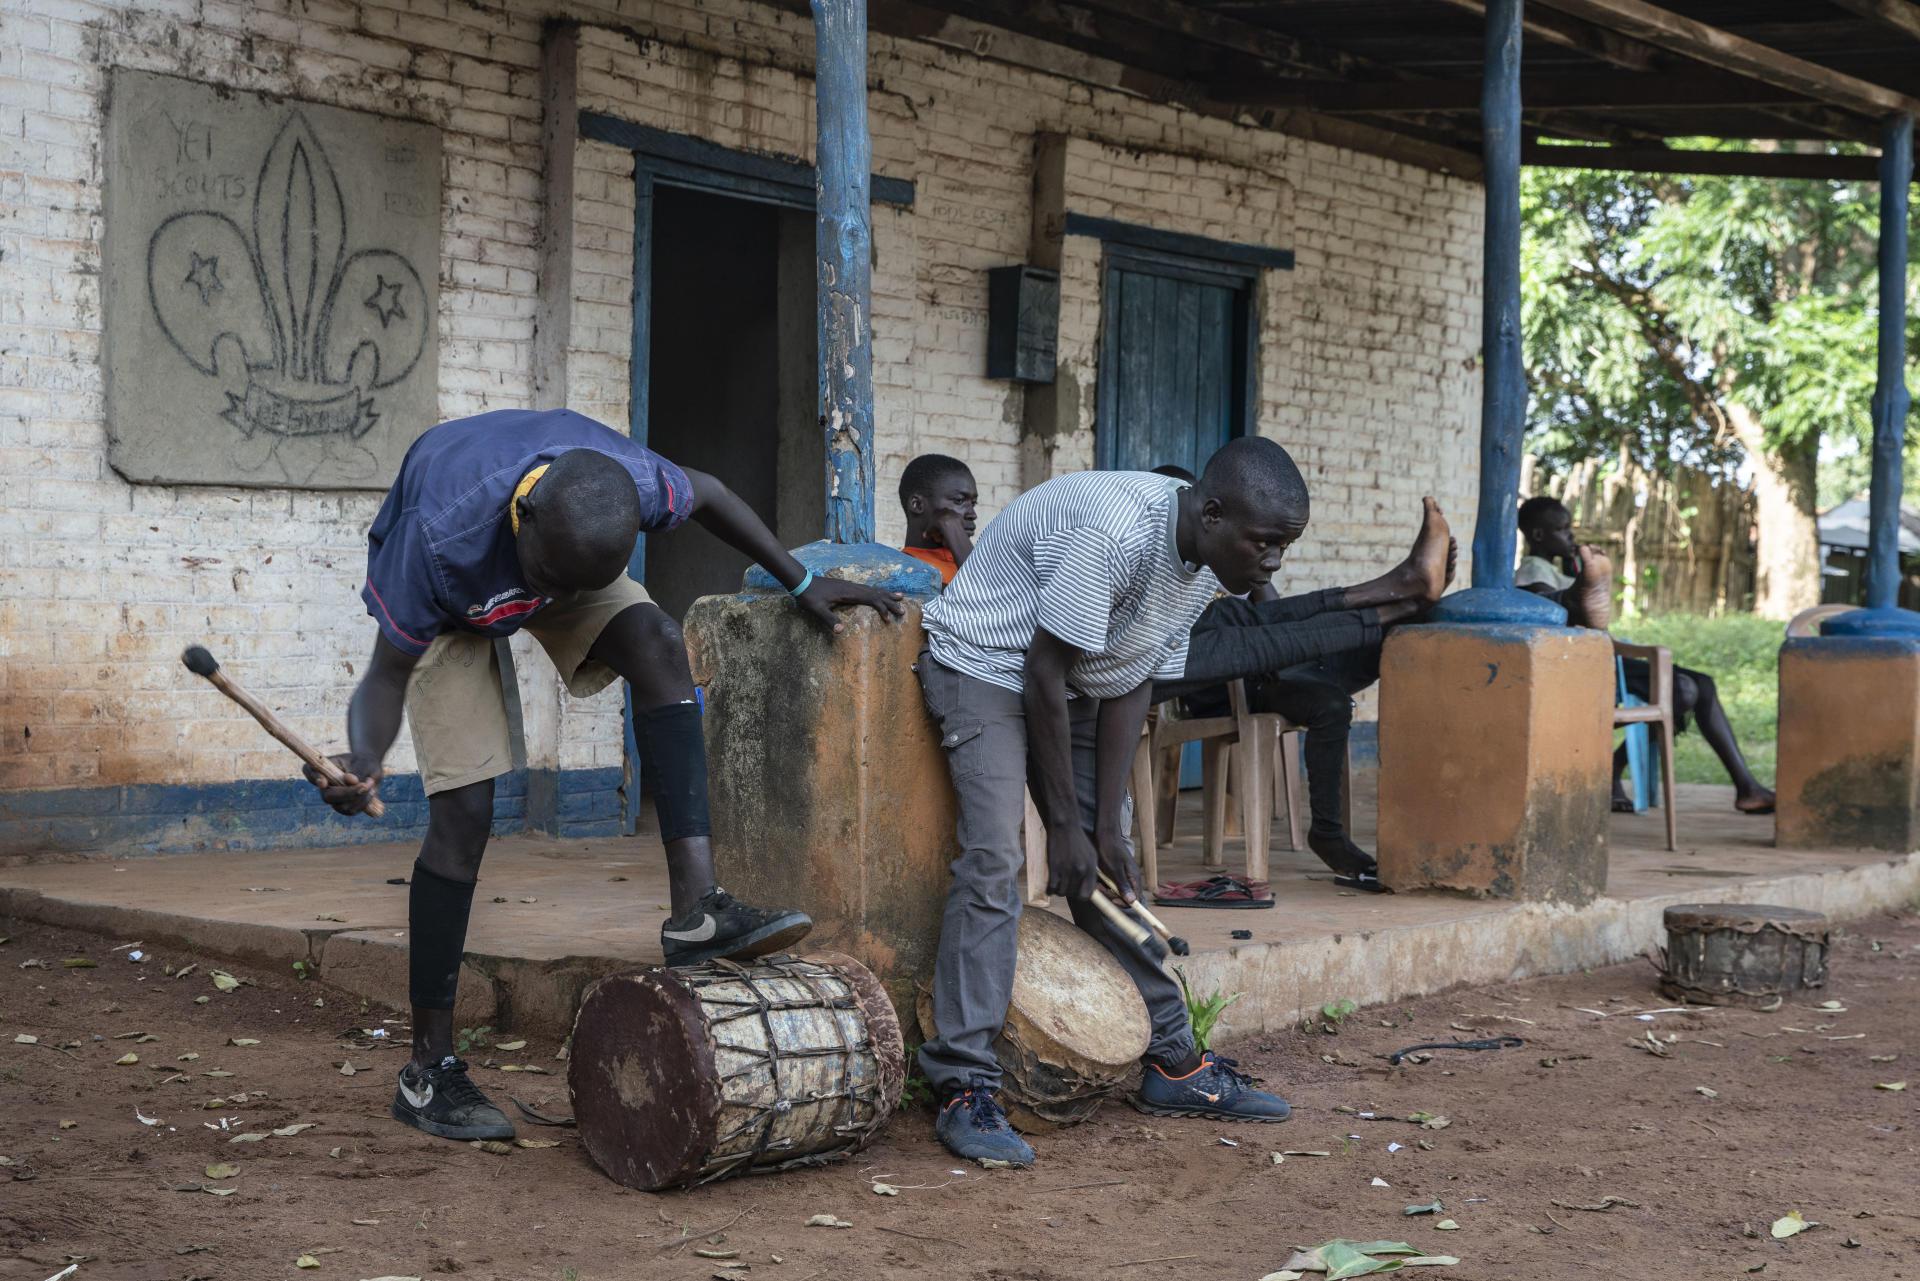 Deux jeunes hommes battent du tambour pendant les répétitions des enfants pour les préparatifs de la Fête de l'indépendance, à Yei, le 4 juillet 2021.